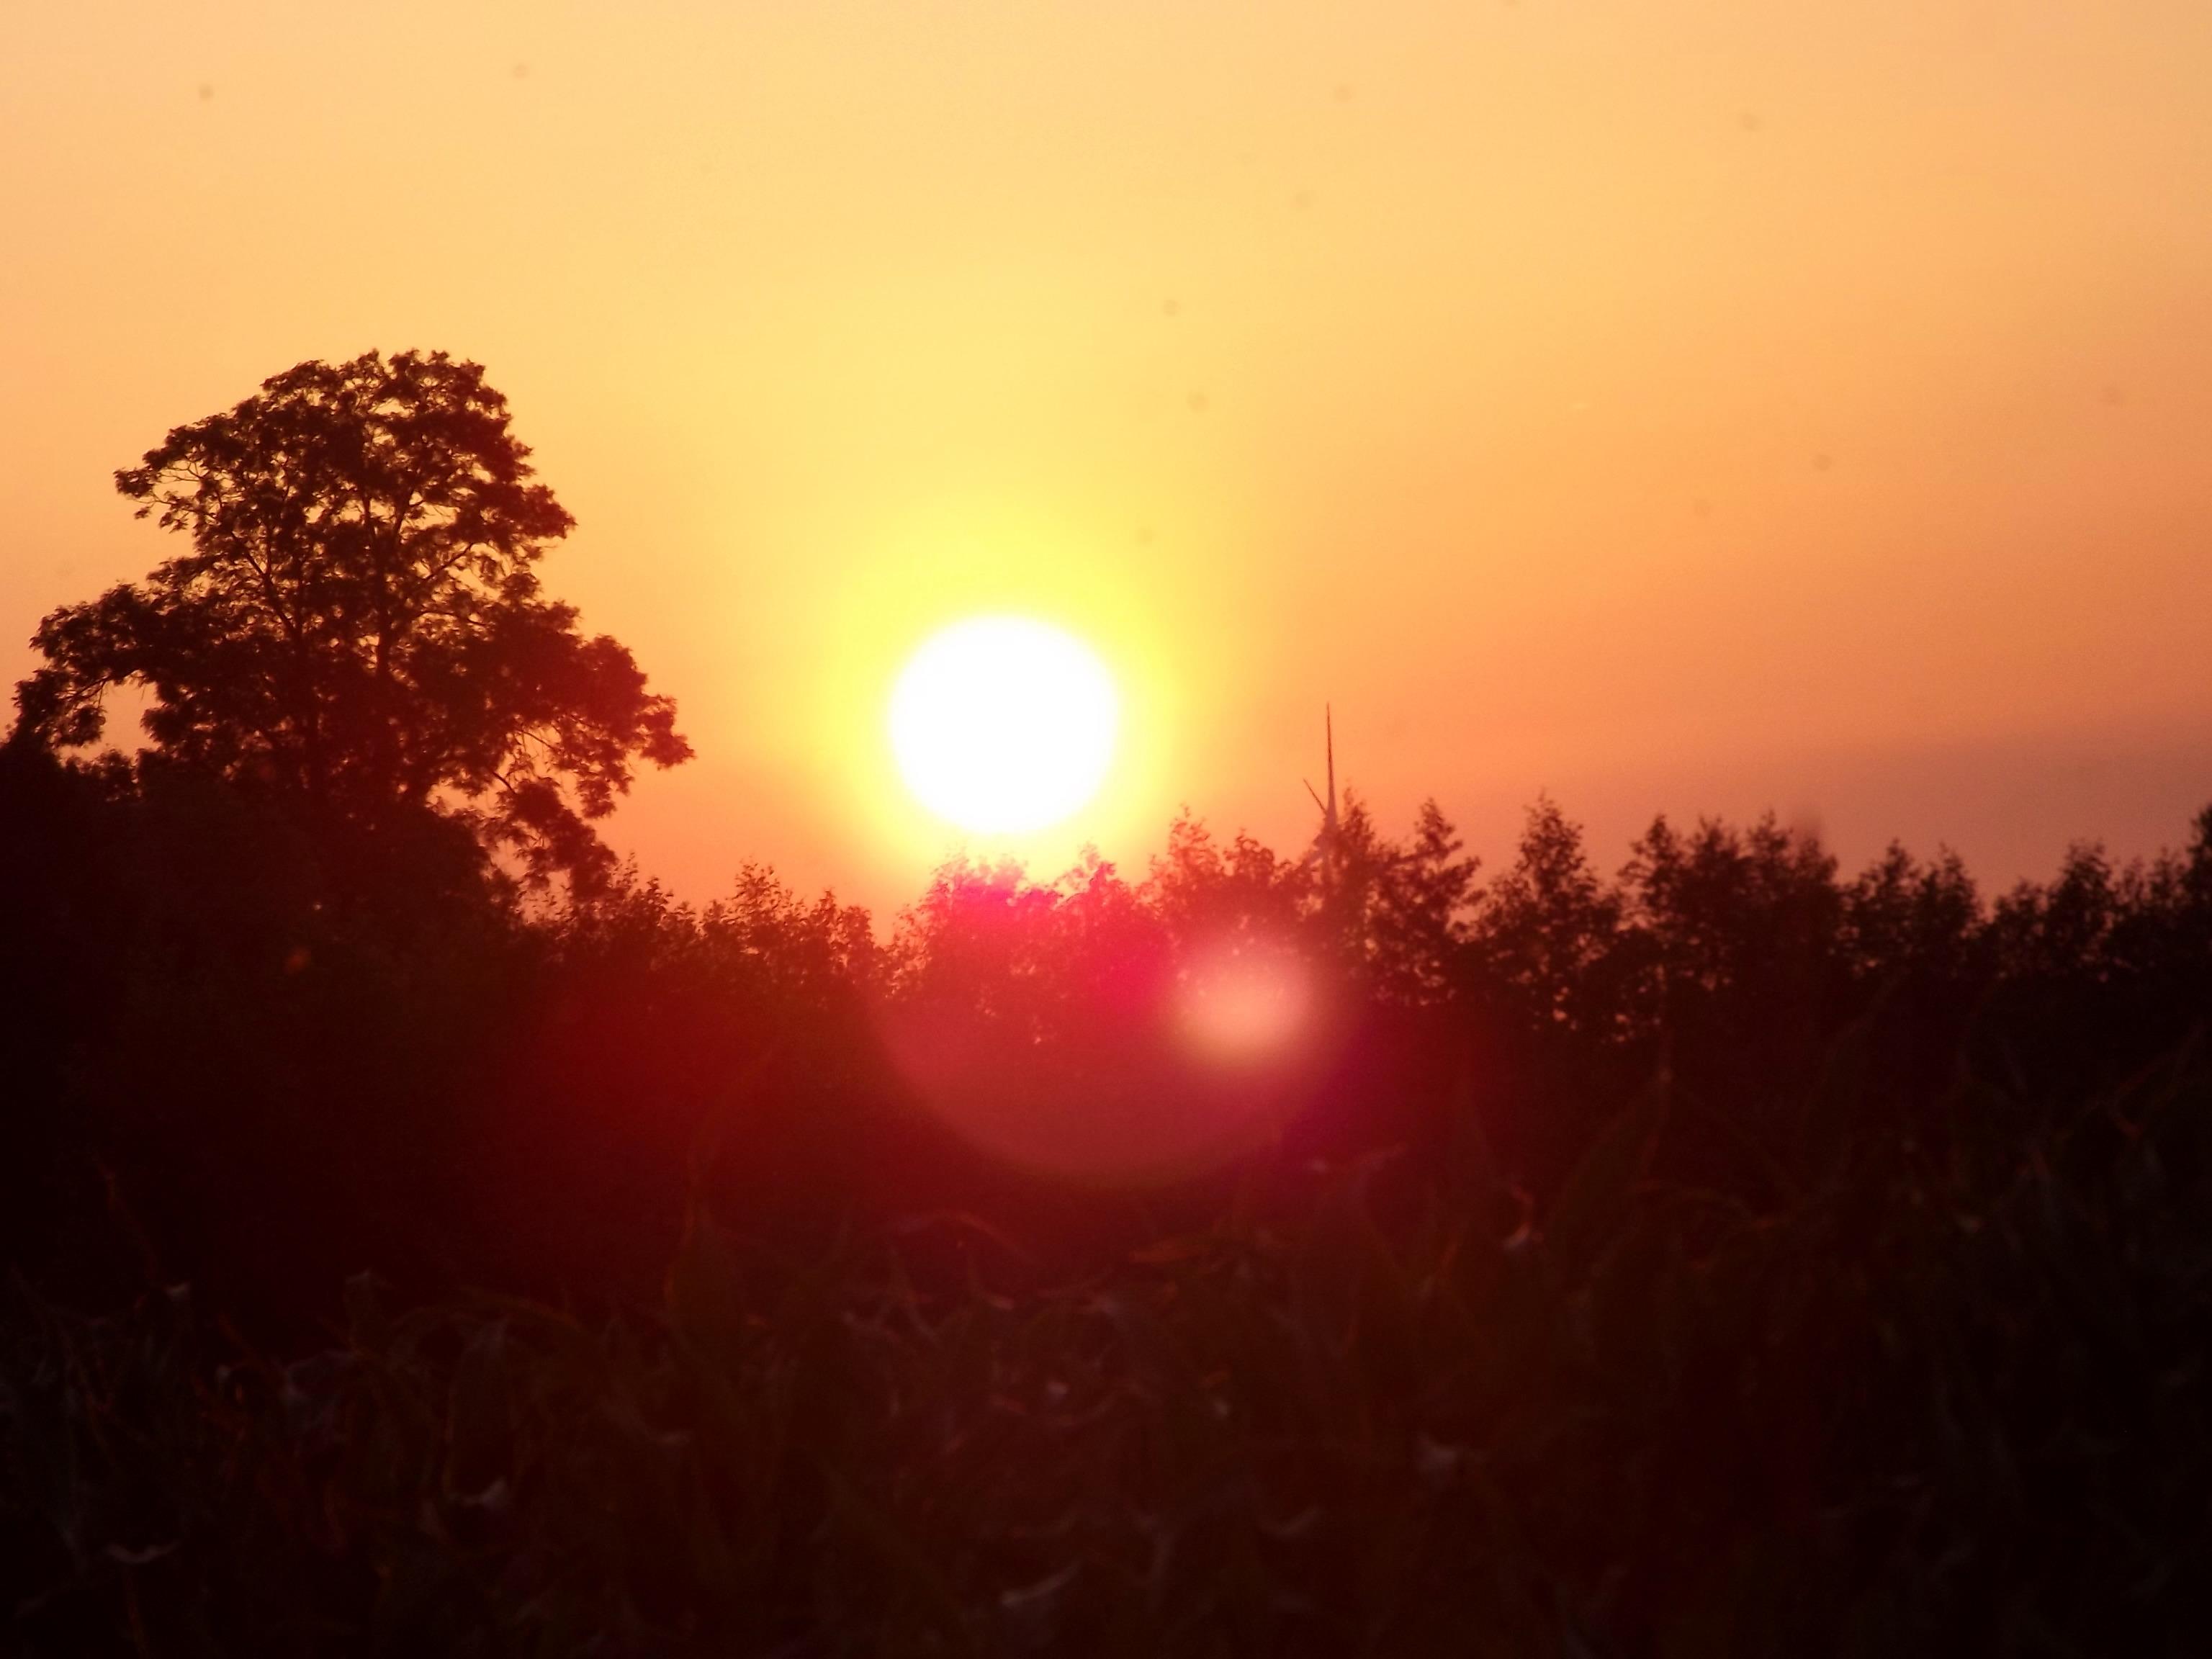 6241-sonnenaufgang-sonnenuntergang-wald-himmel